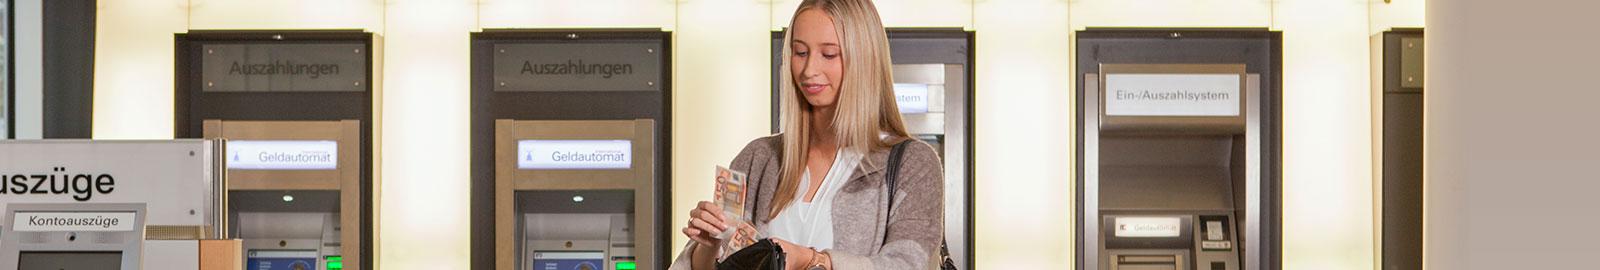 Wie funktioniert ein Geldautomat?